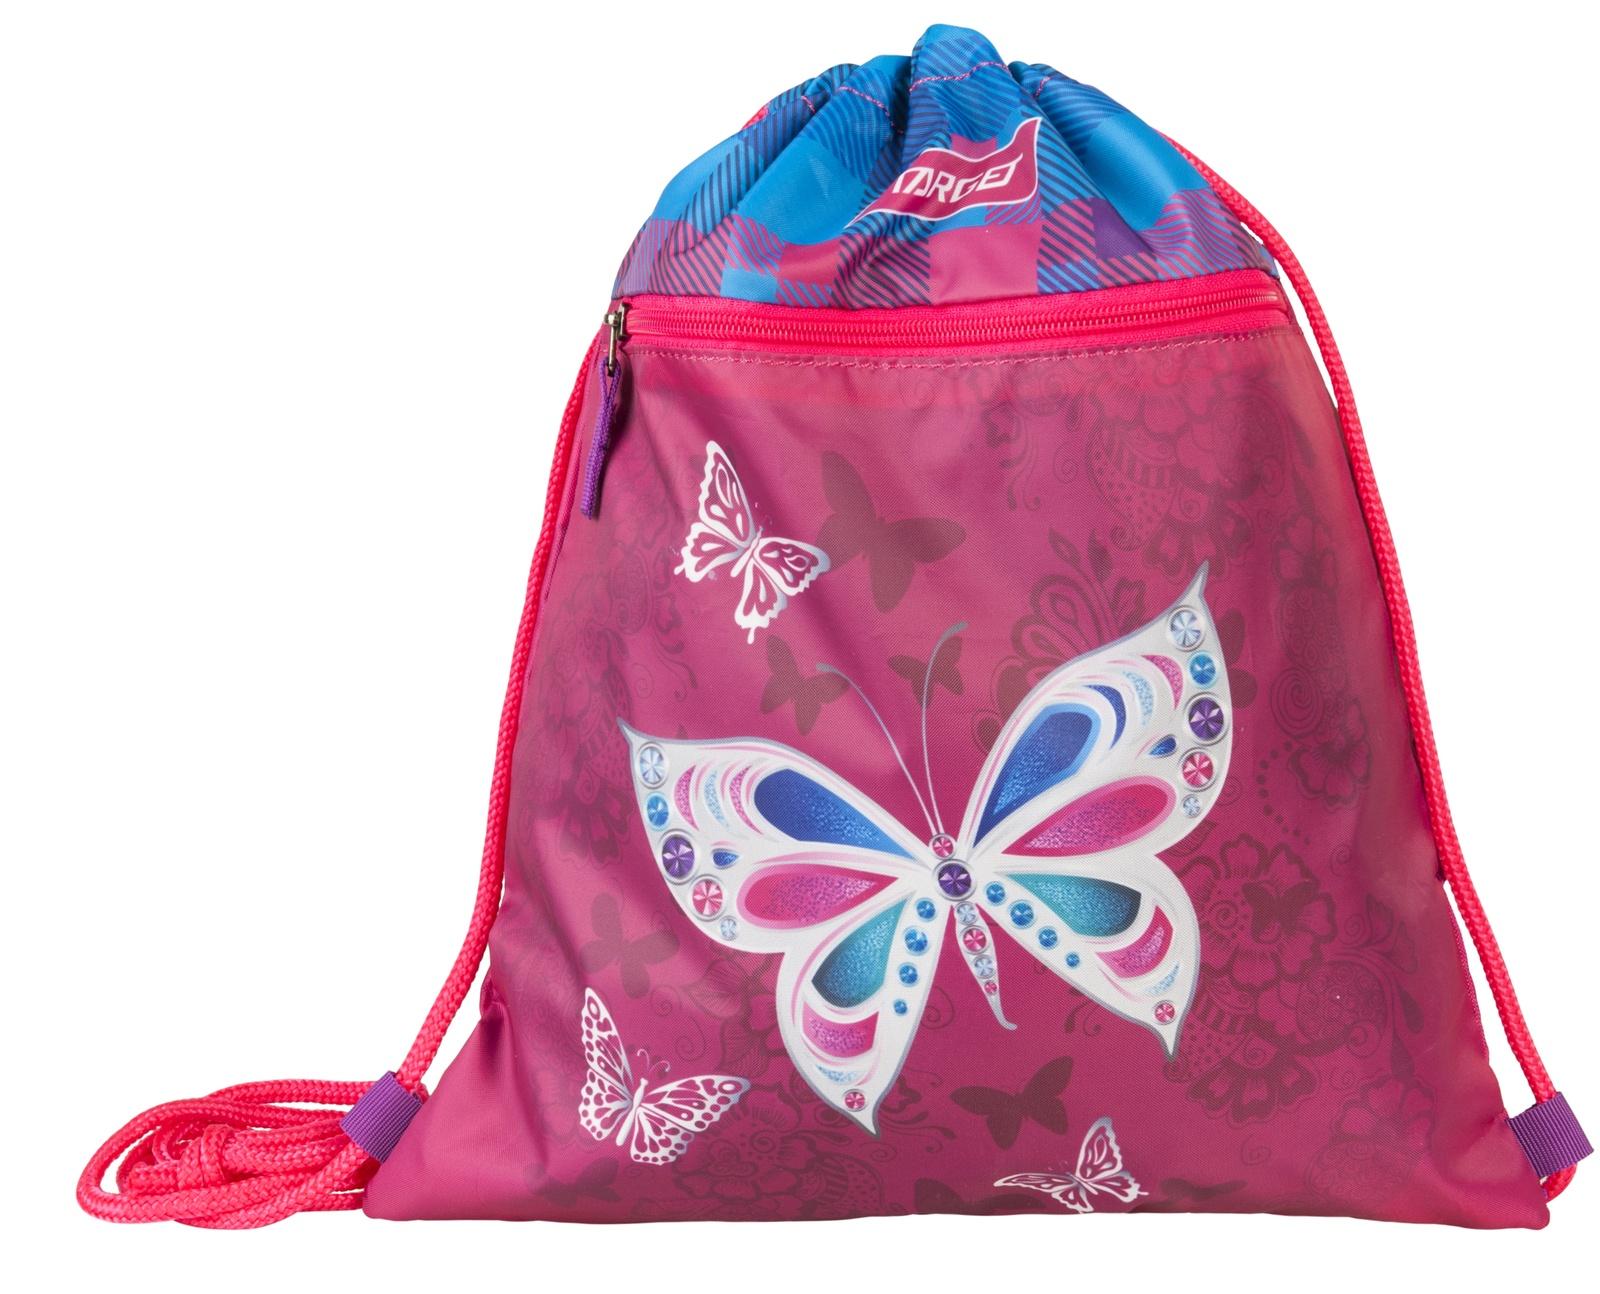 Фото - Сумка Target для детской сменной обуви Бабочка, цвет: розовый сумка target для детской сменной обуви sparkling цвет синий